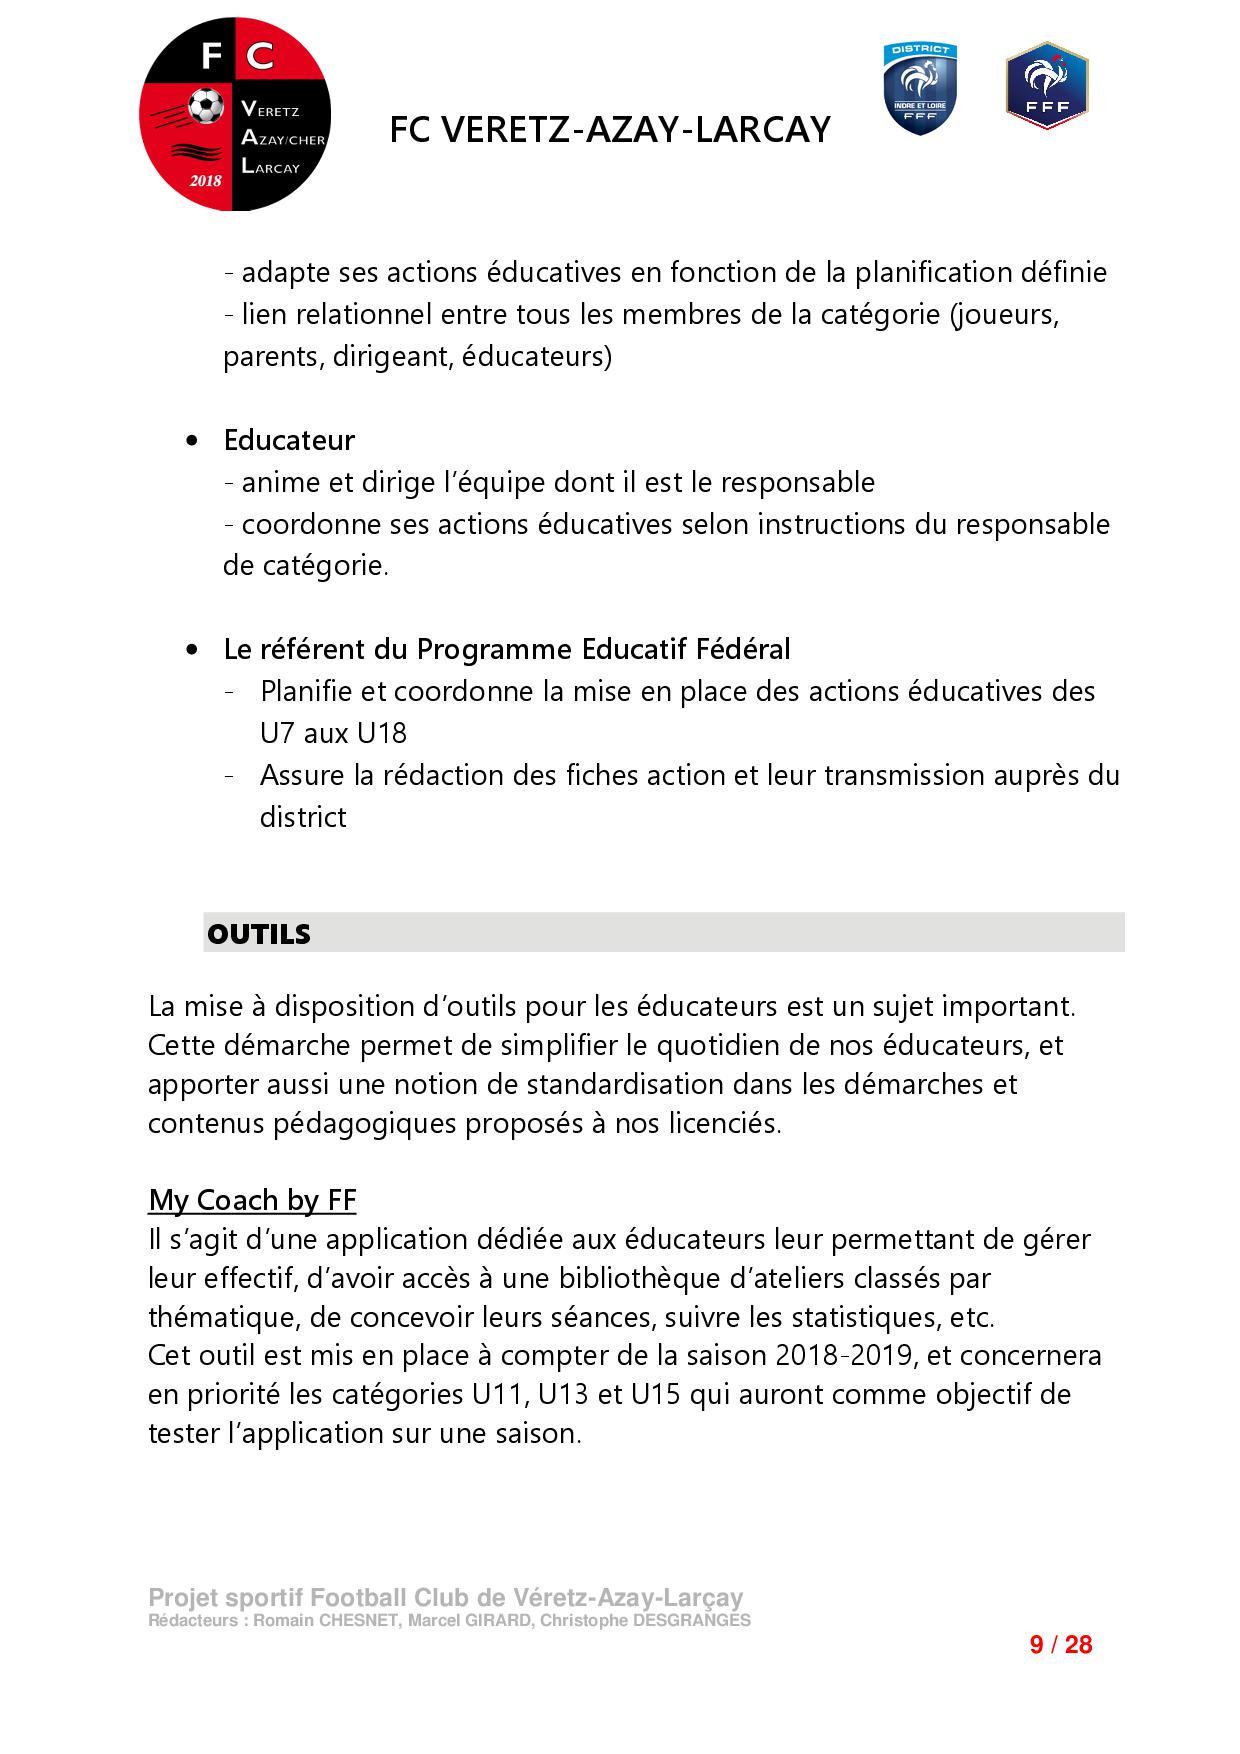 projet_sportif_2017-202009.jpg